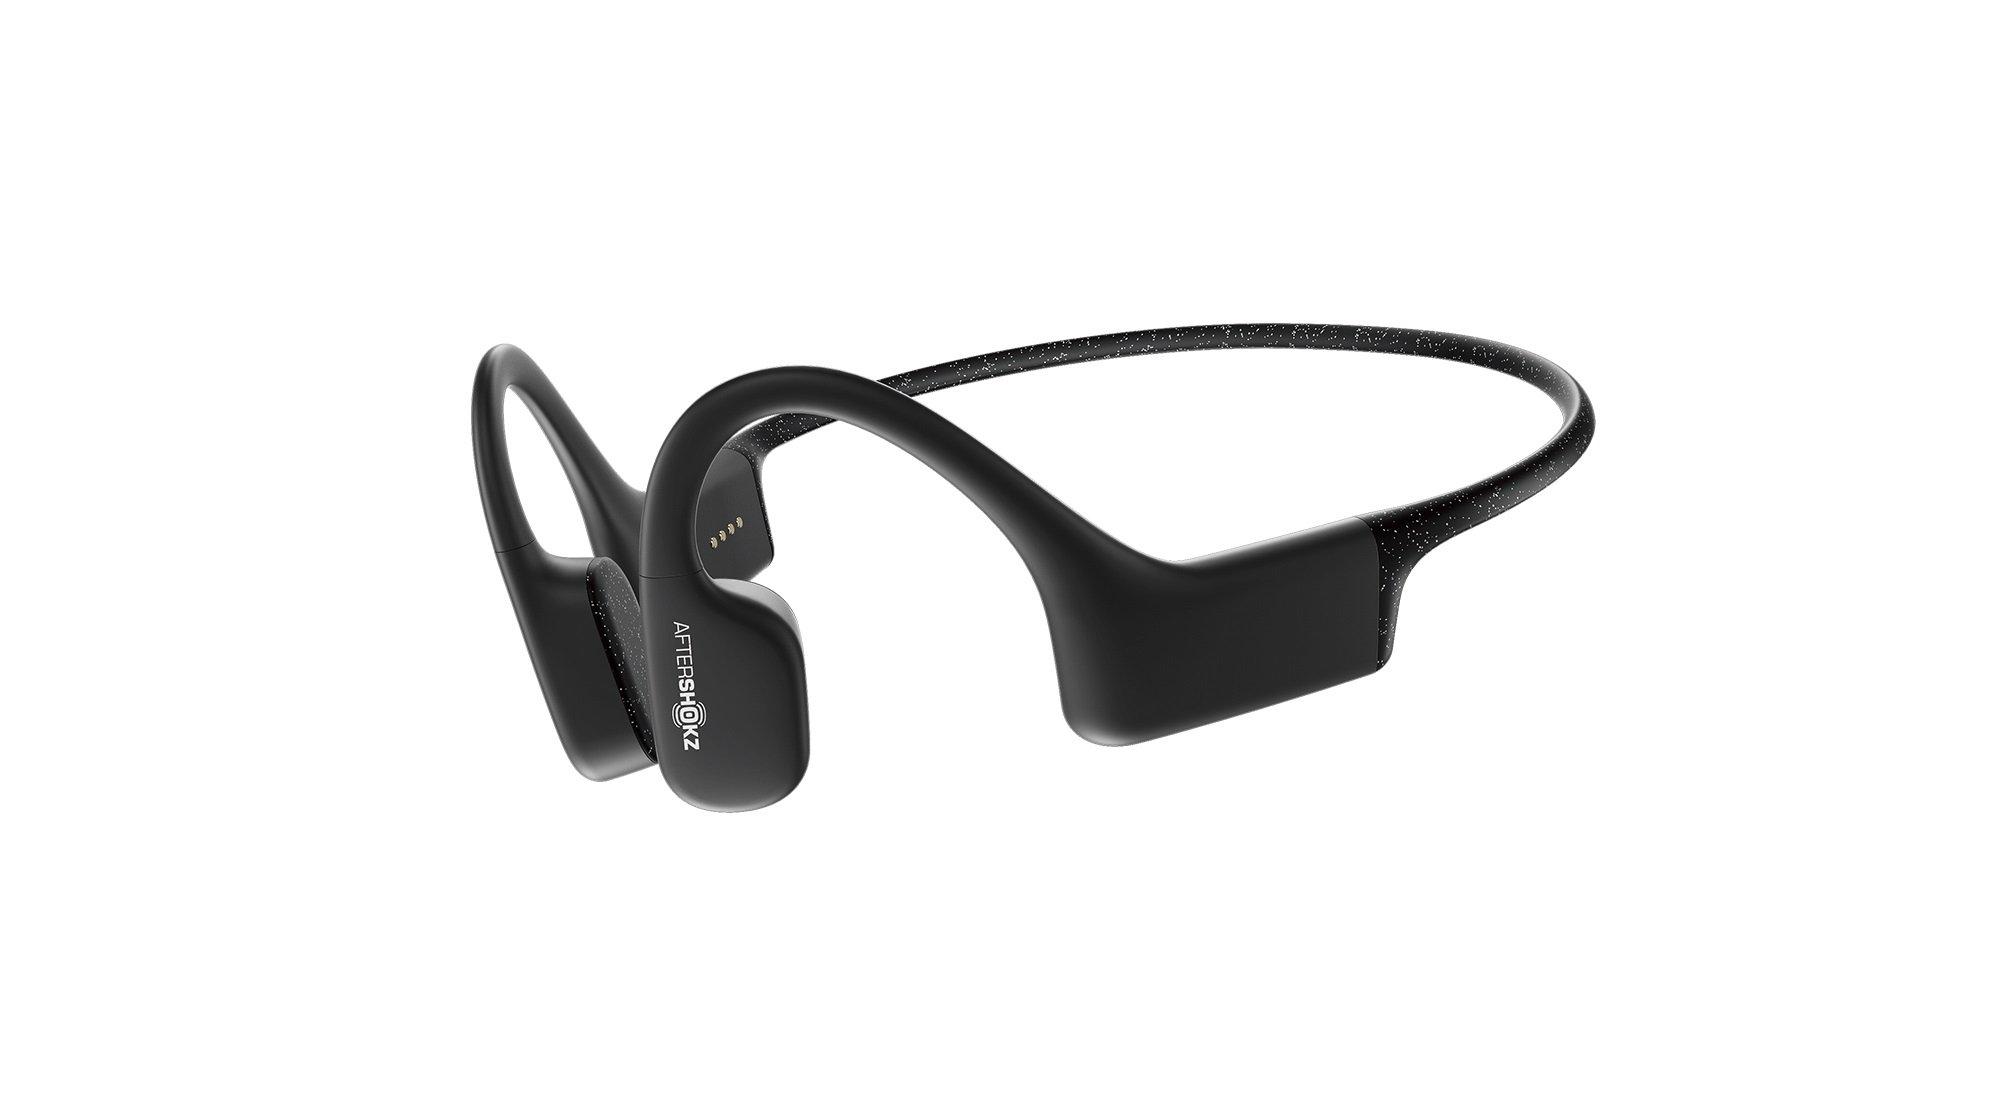 Słuchawki wodoszczelne z wbudowanym odtwarzaczem MP3